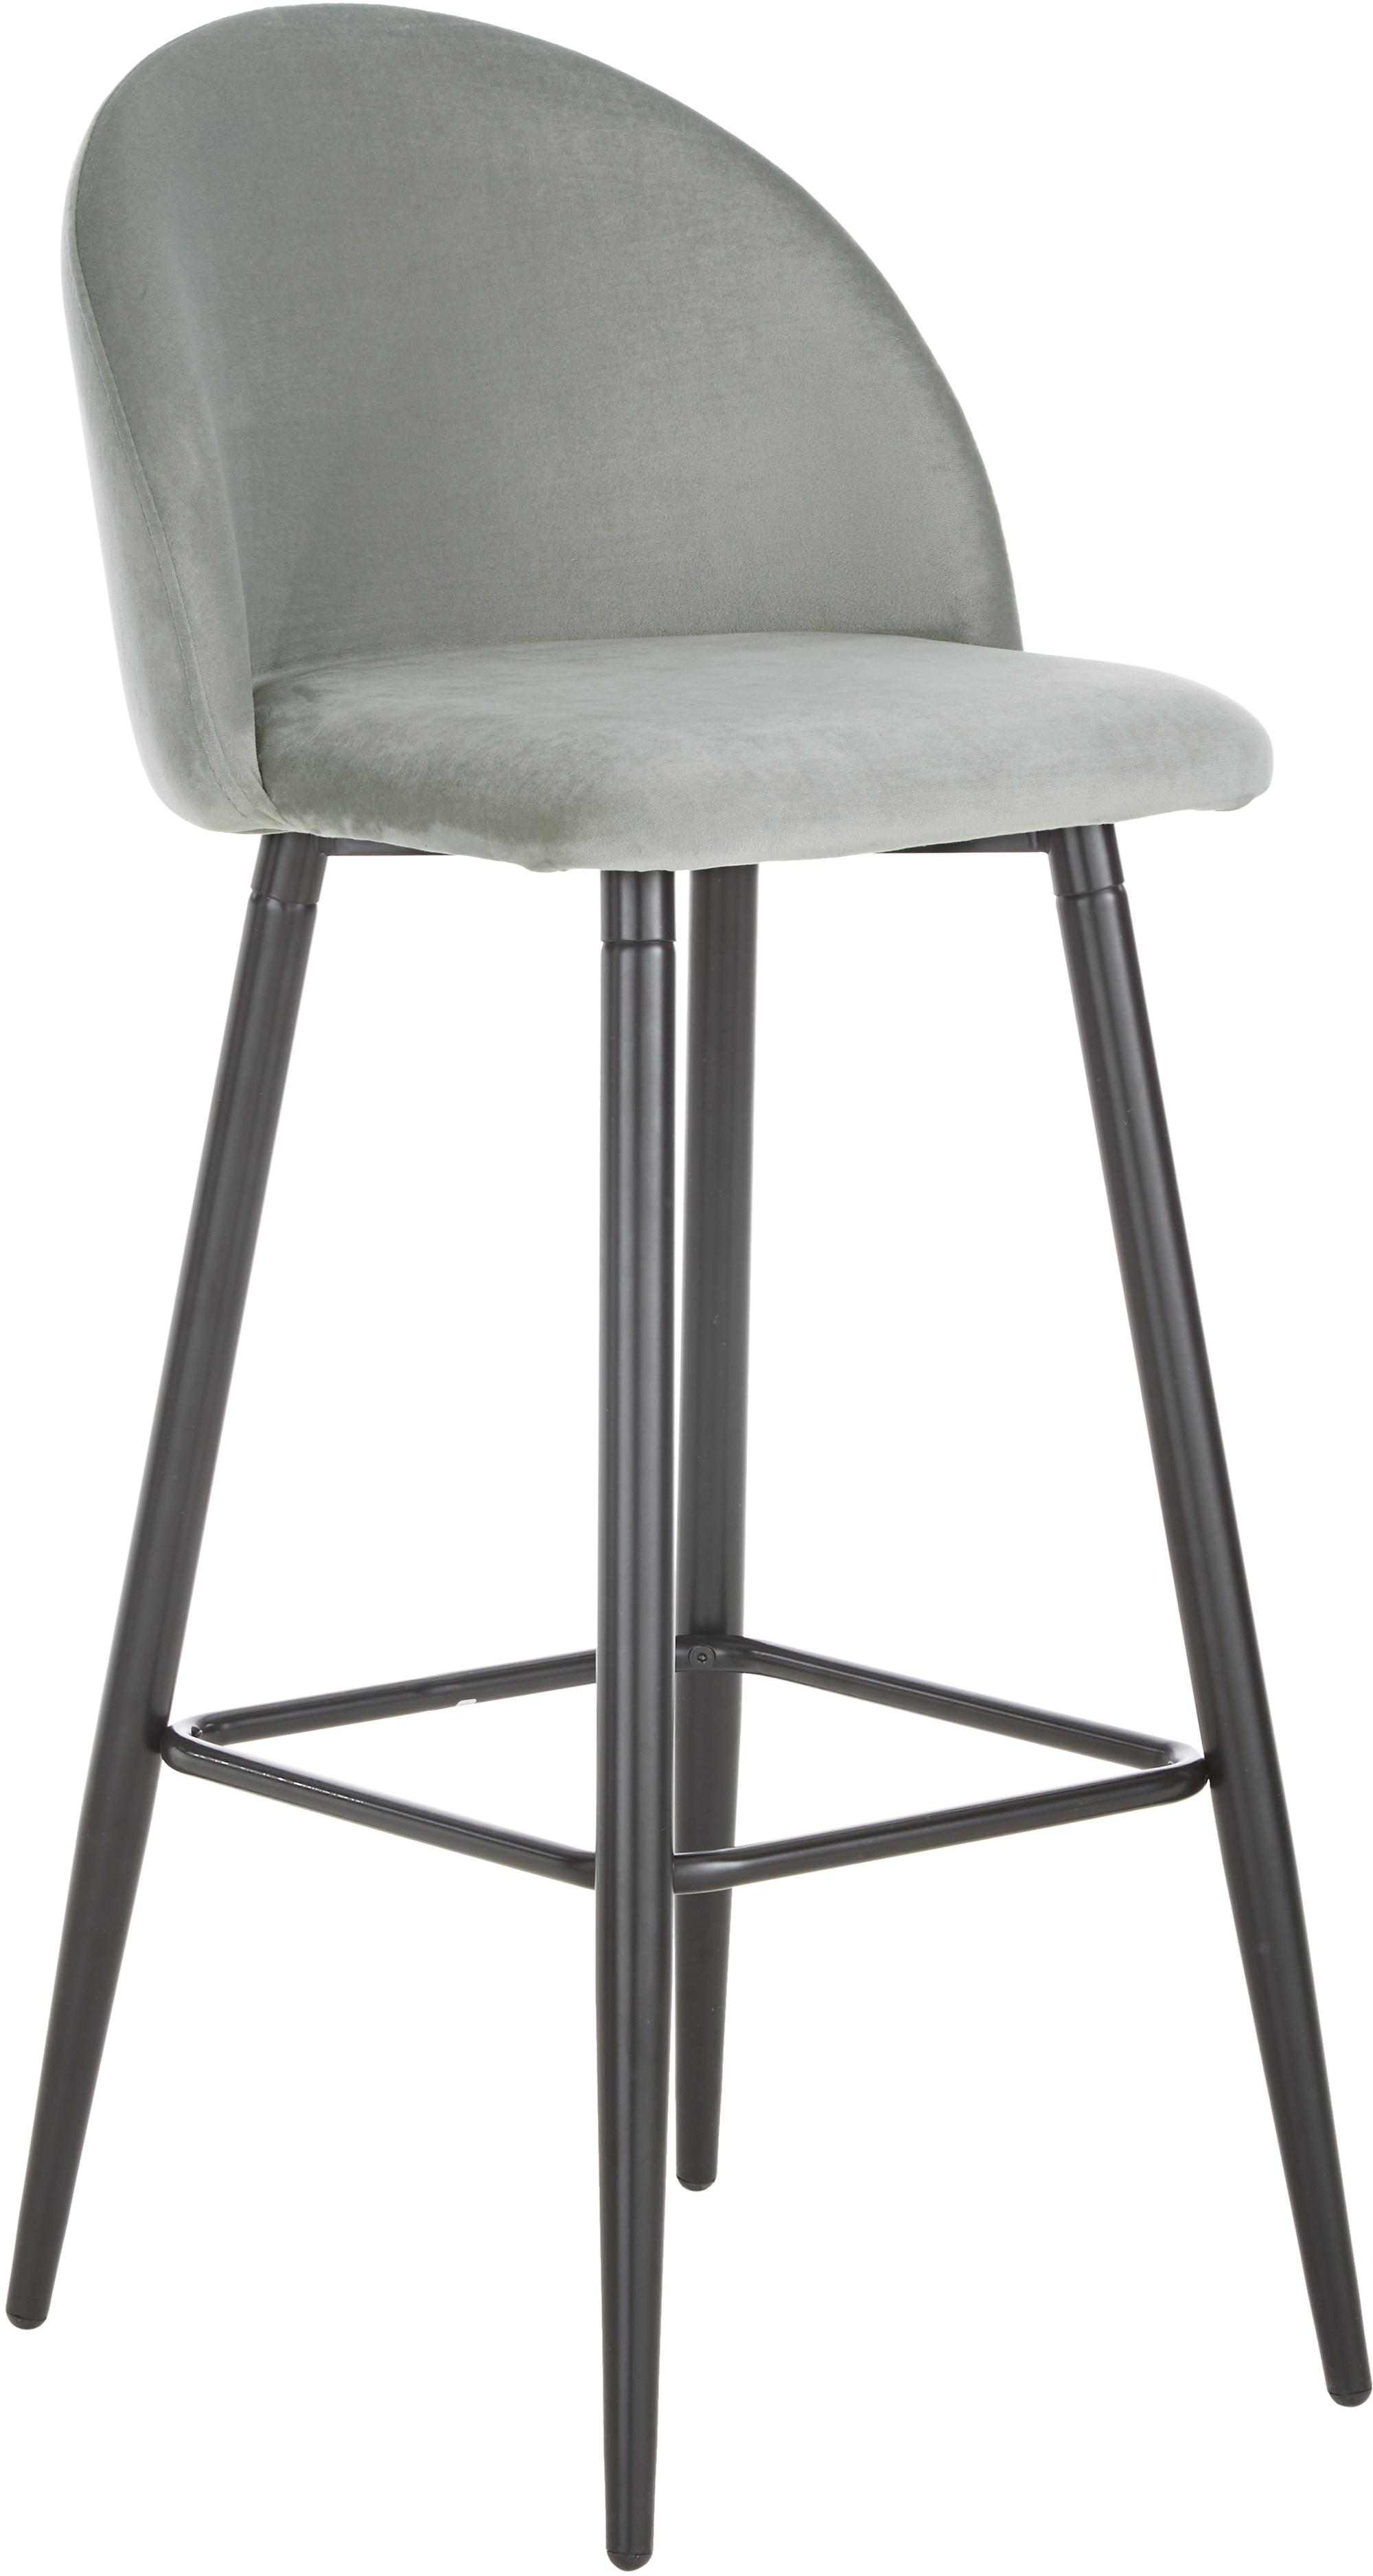 Samt-Barstuhl Amy in Grau, Bezug: Samt (Polyester) 20.000 S, Beine: Metall, pulverbeschichtet, Samt Grau, 45 x 103 cm